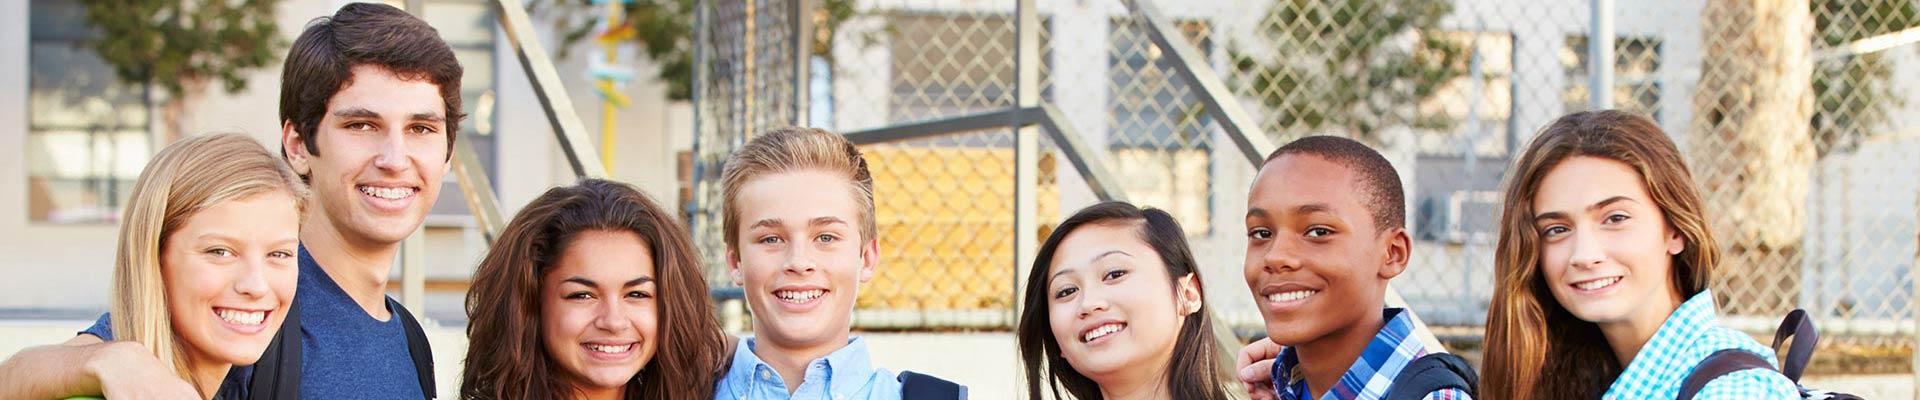 Kids with smiles Cherre Orthodontics Ellisville MO